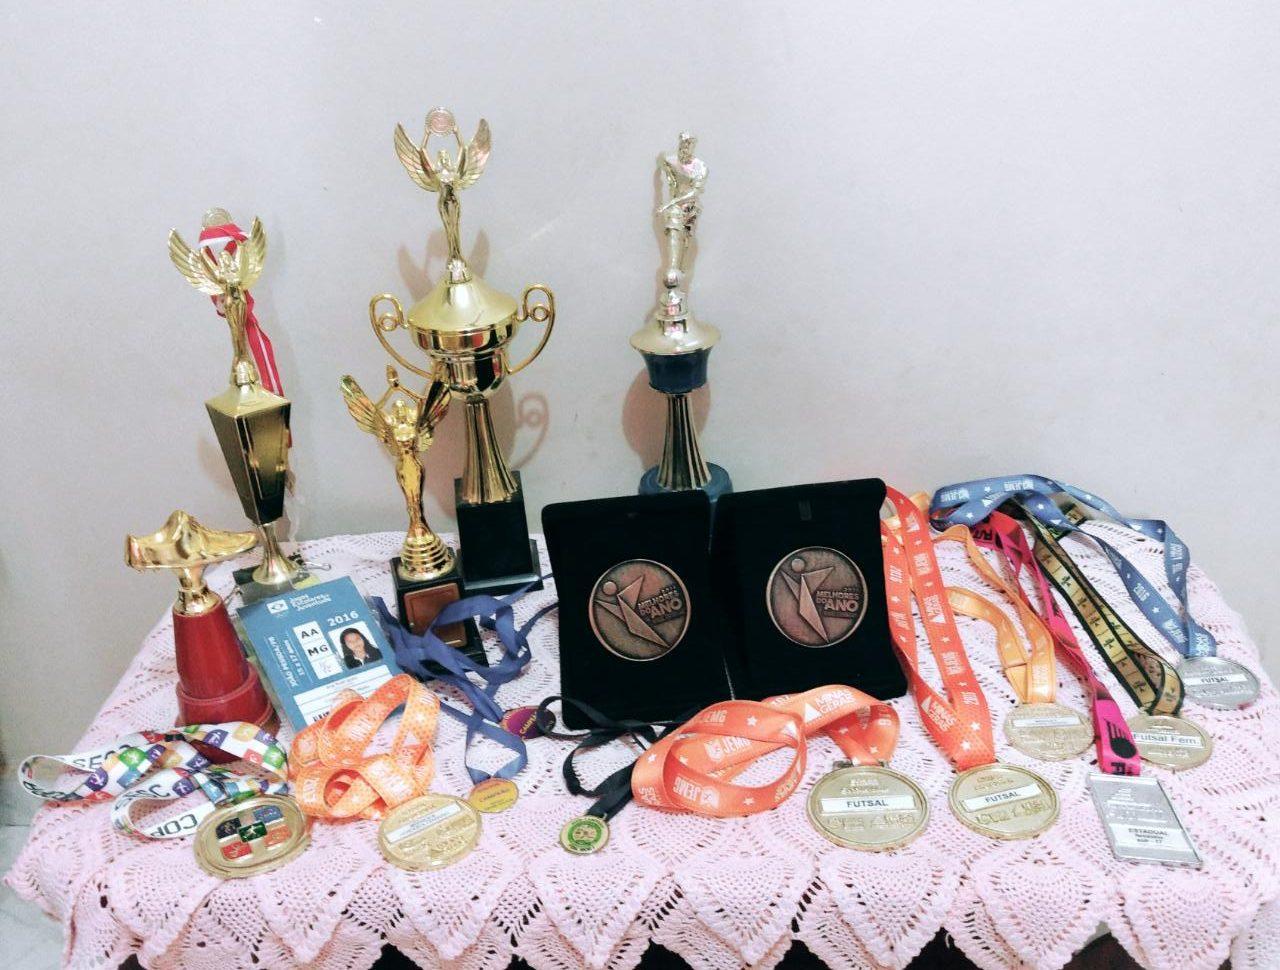 Orgulhosa de suas conquistas, Melhores do Ano é a inspiração da atleta para continuar seguindo seus sonhos Foto: acervo pessoal